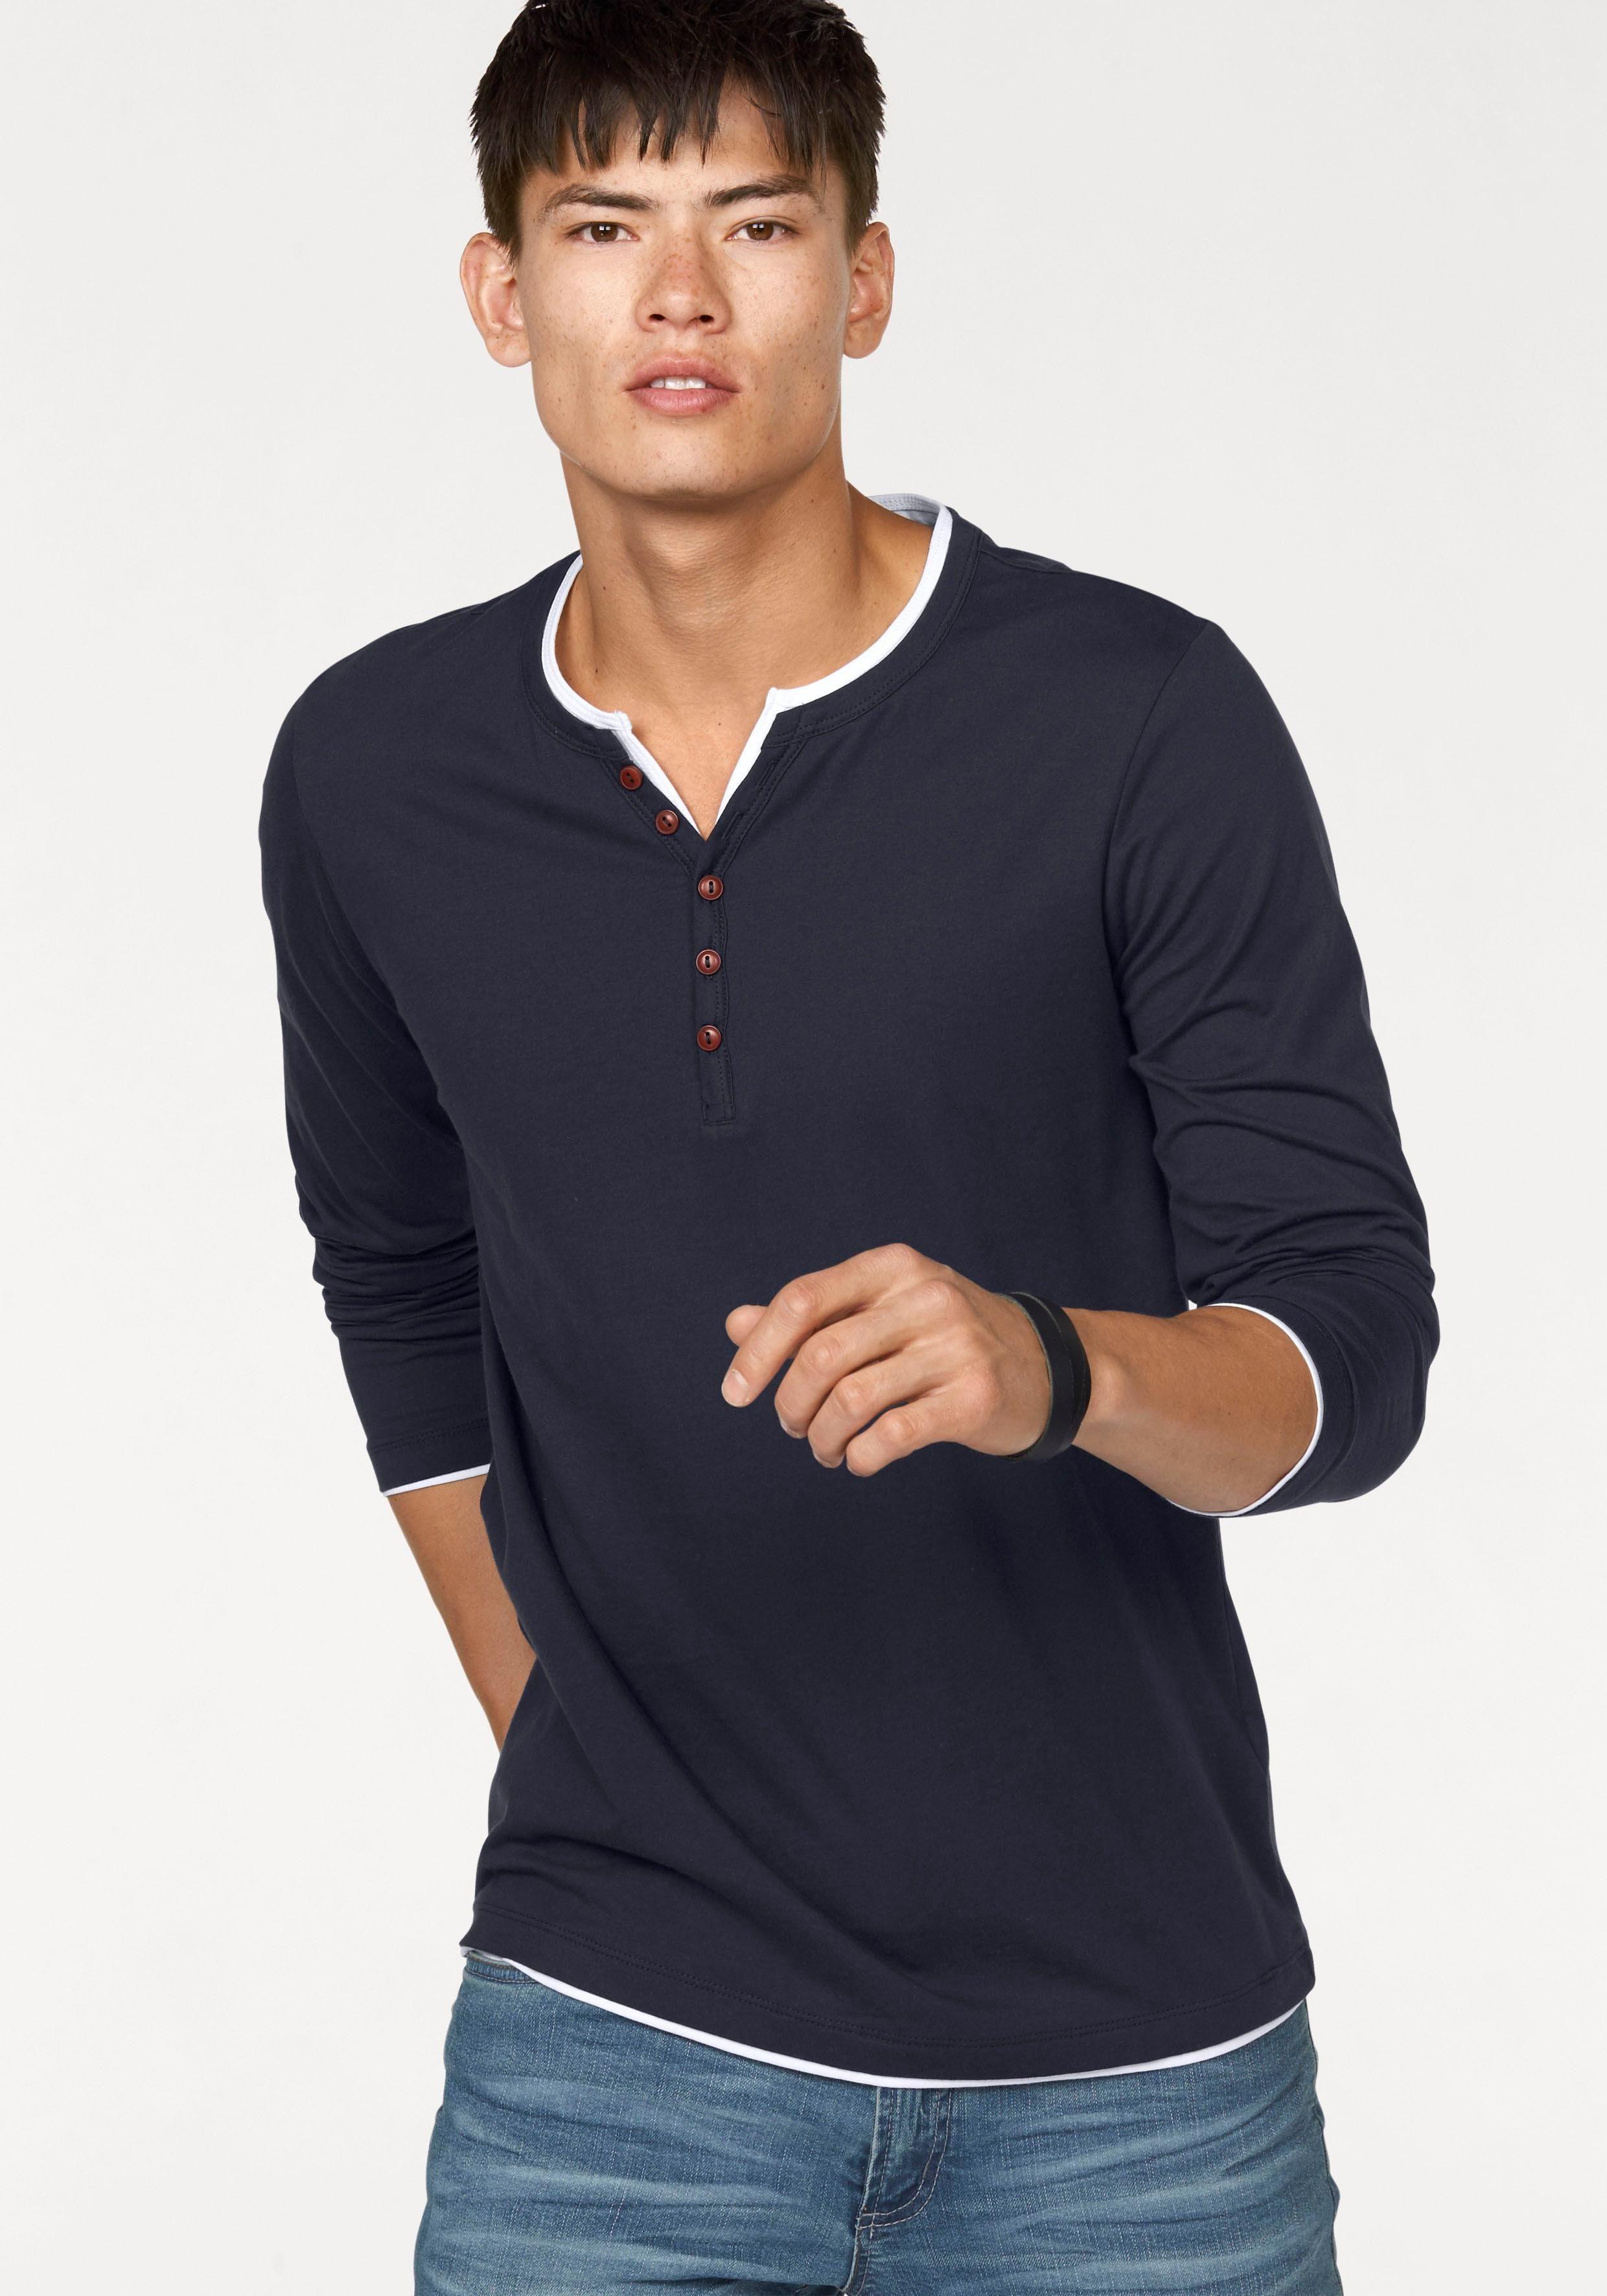 Shirts met lange mouwen of longsleeves voor heren koop je